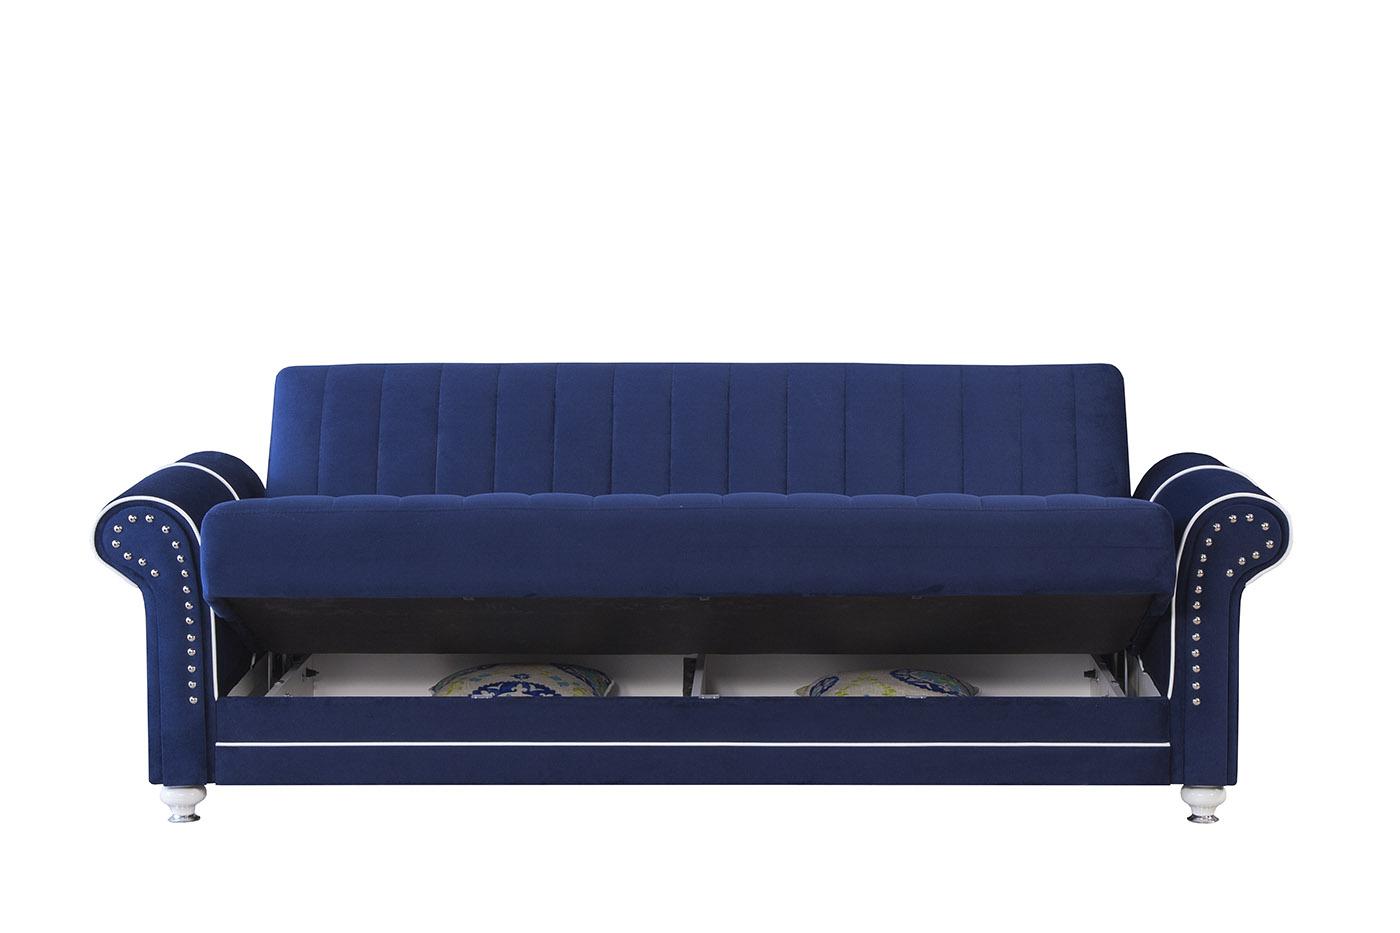 Royal Home Riva Dark Blue Convertible Sofa by Casamode